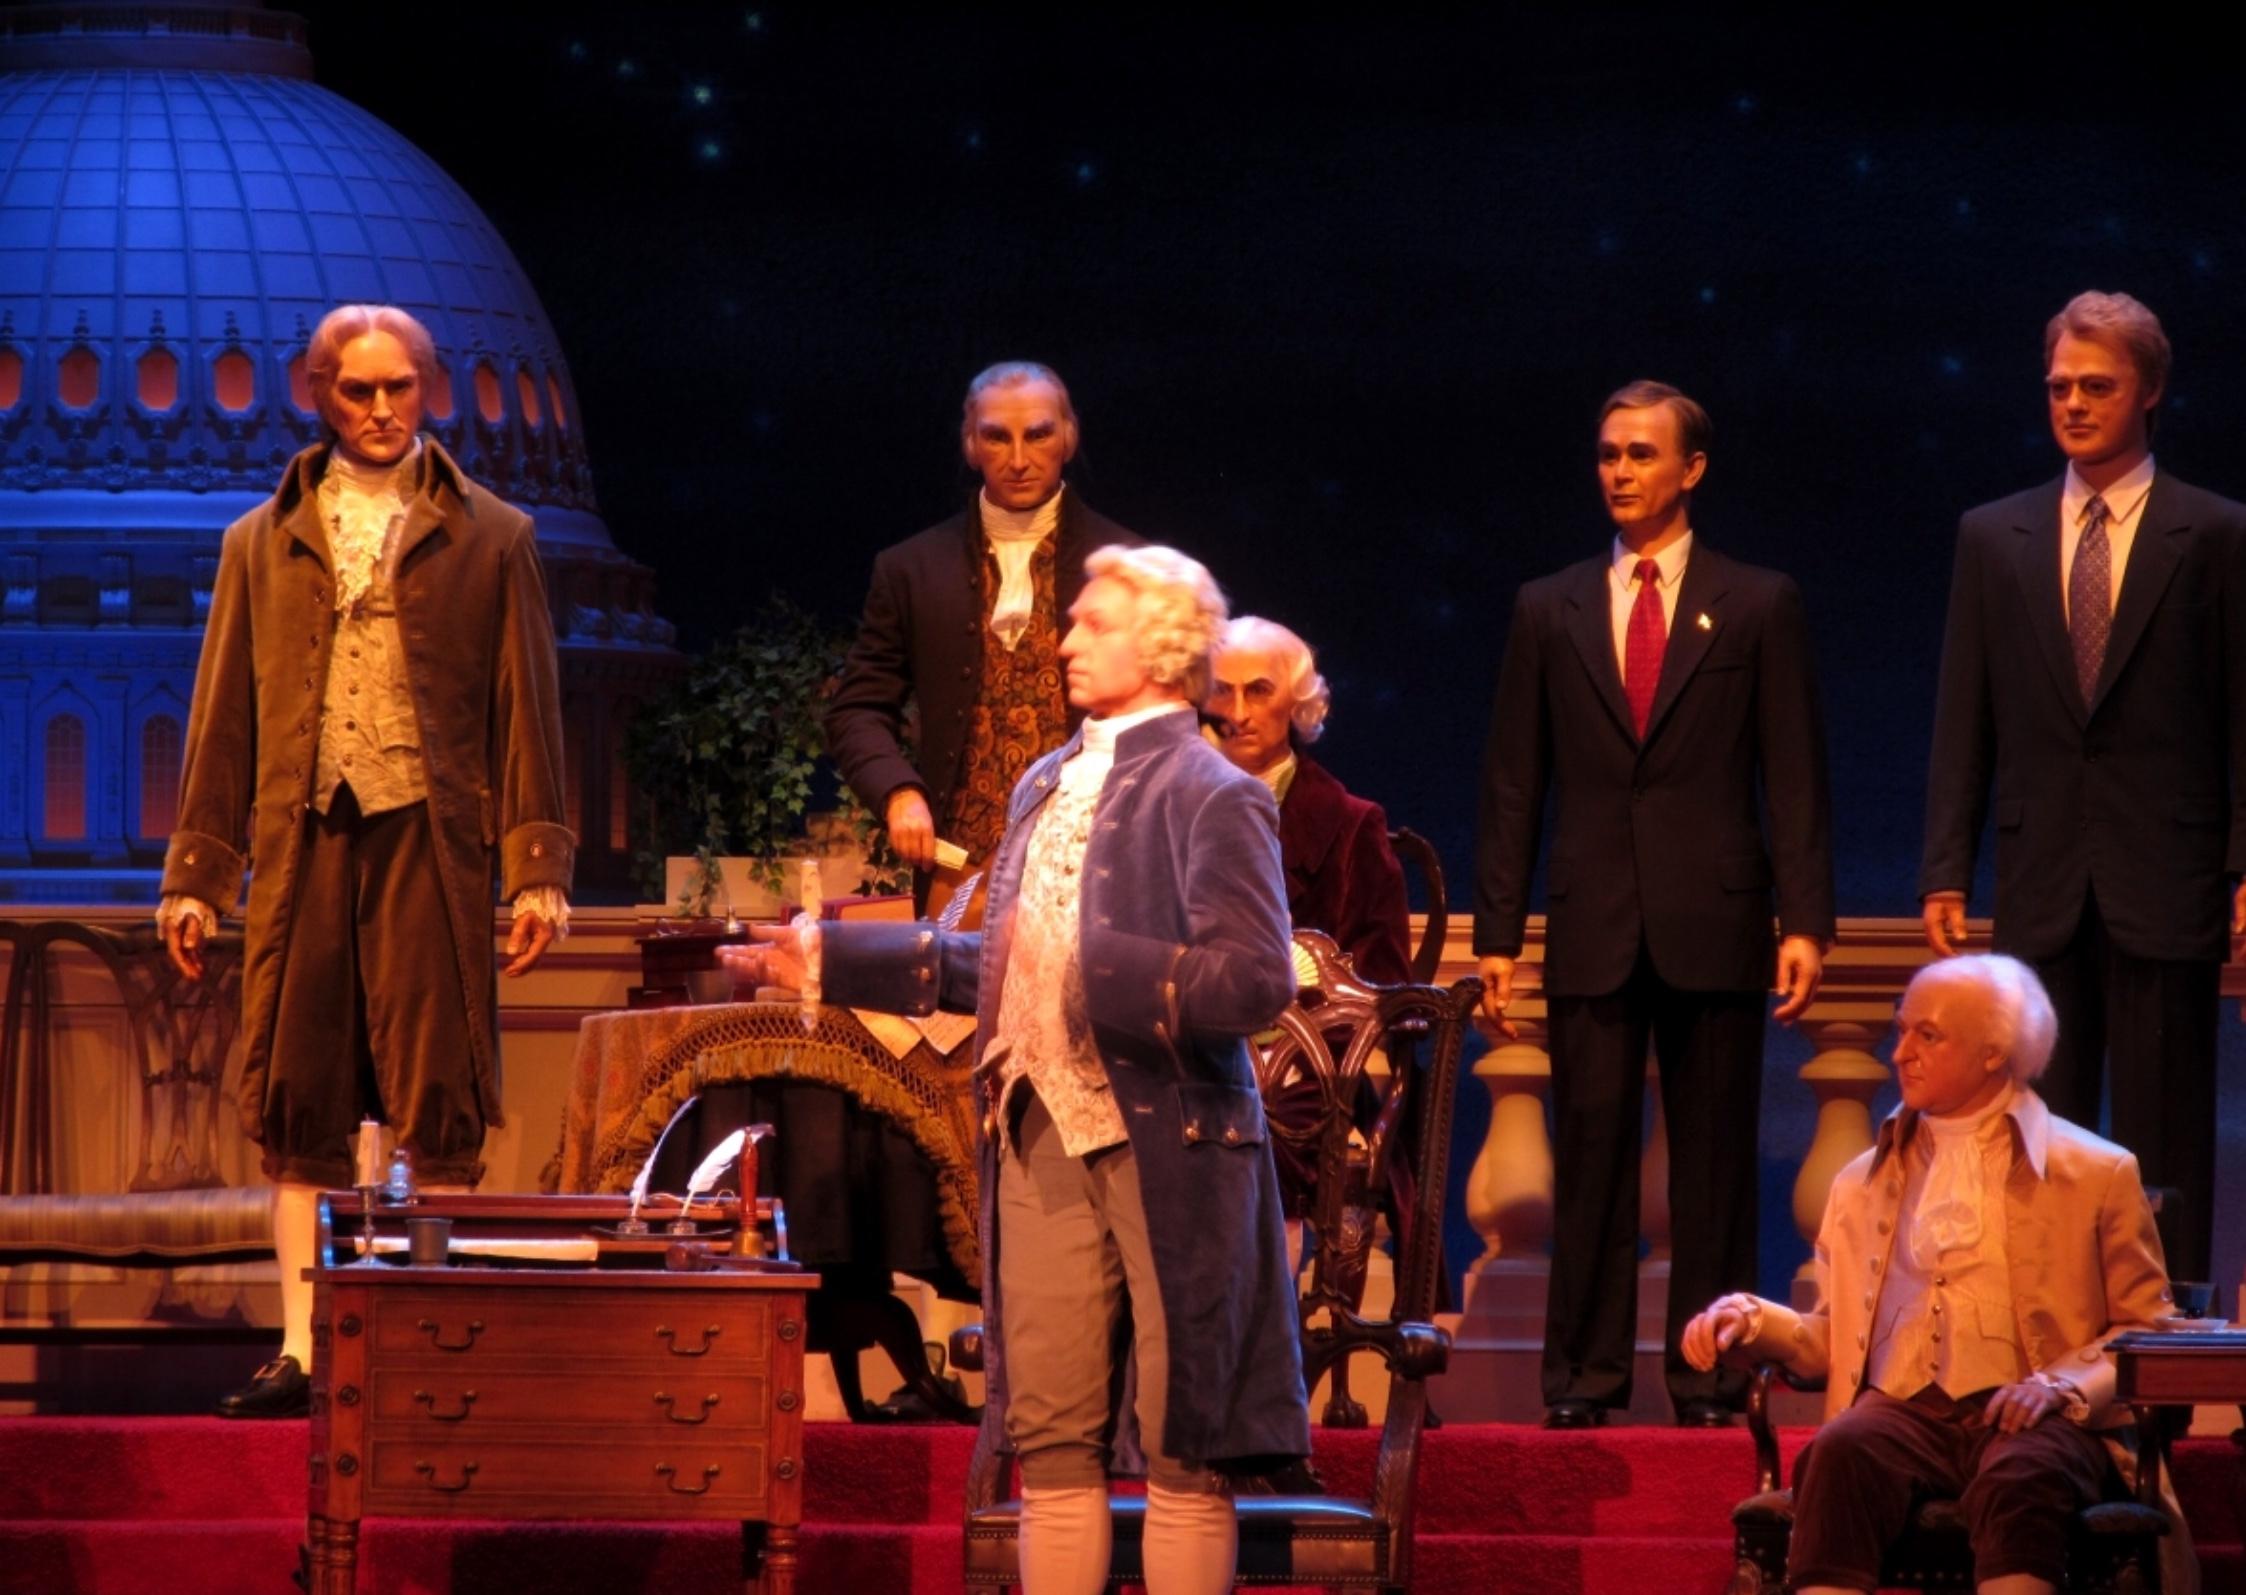 Disney's animatronic Hall of Presidents.